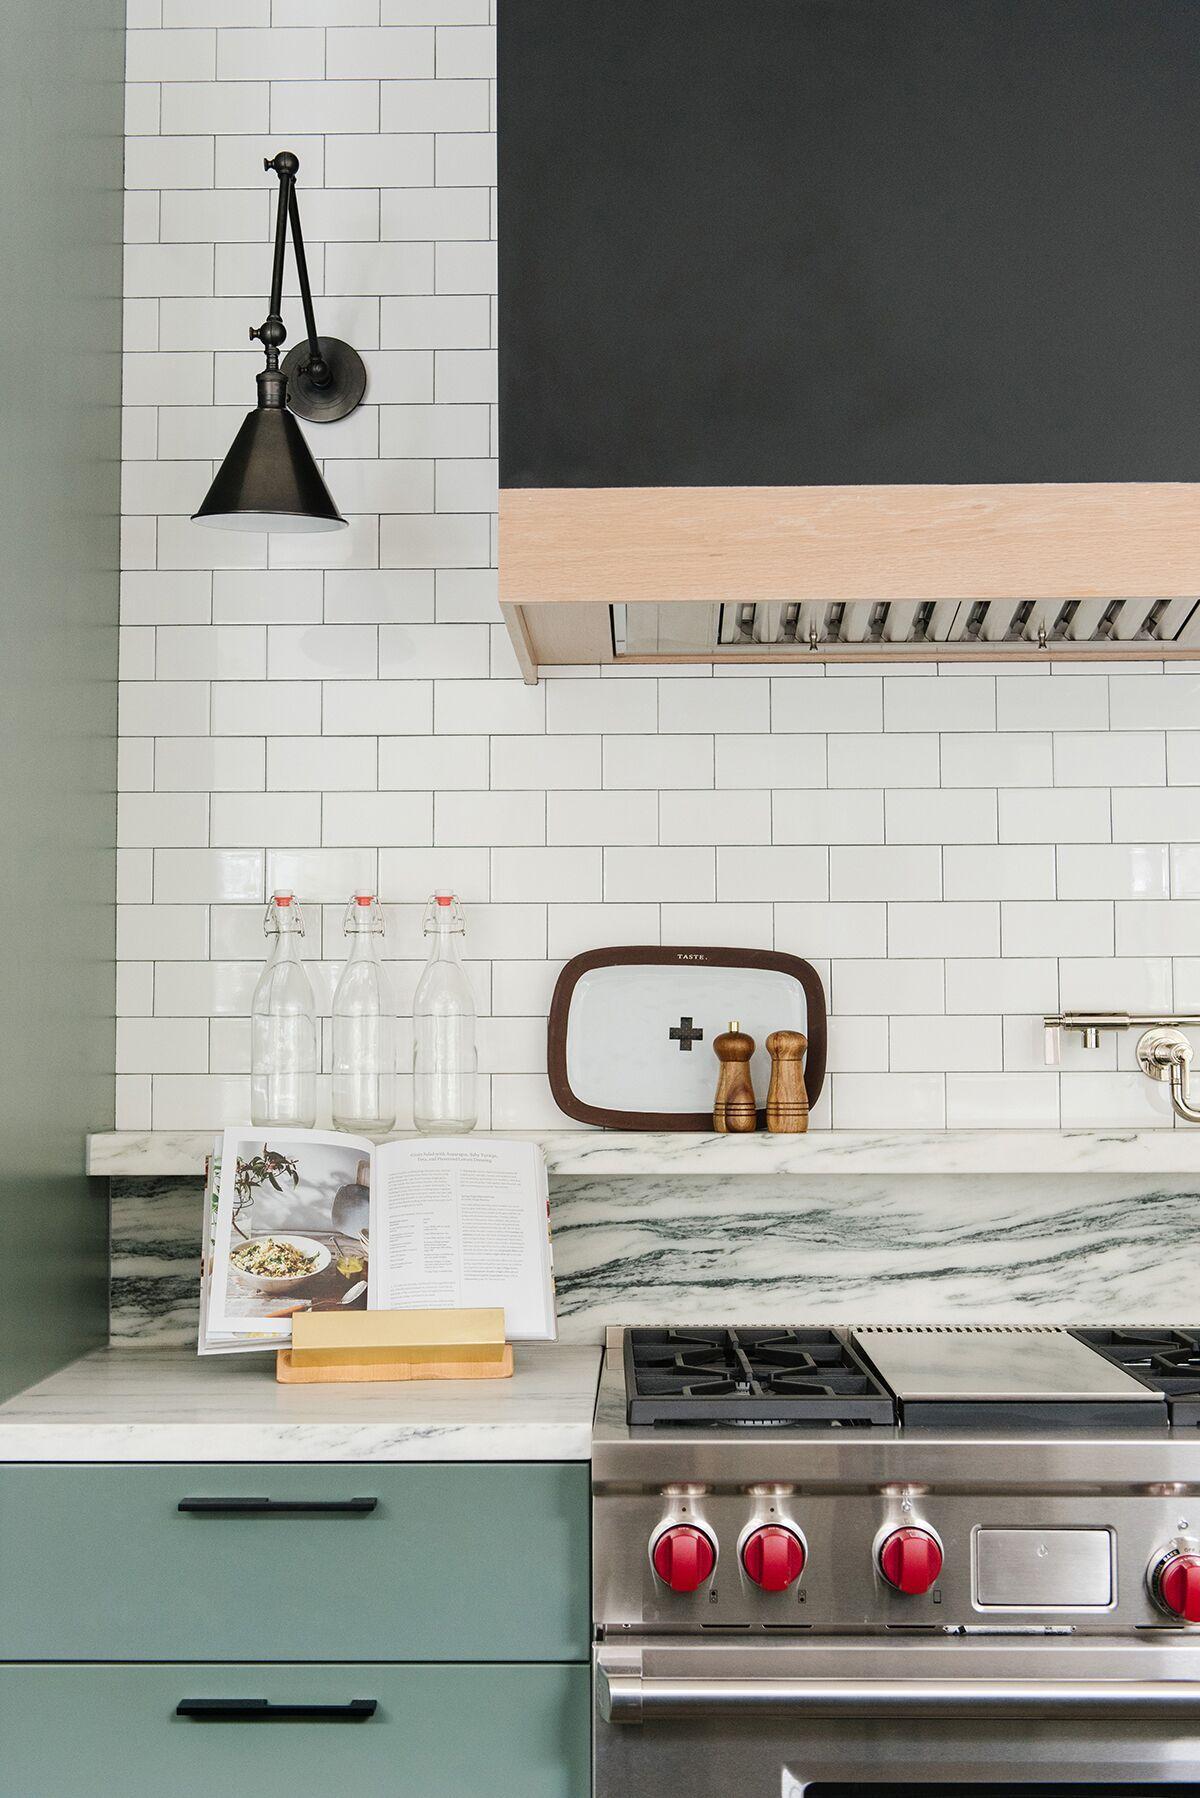 best kitchen design books - home decorating ideas & interior